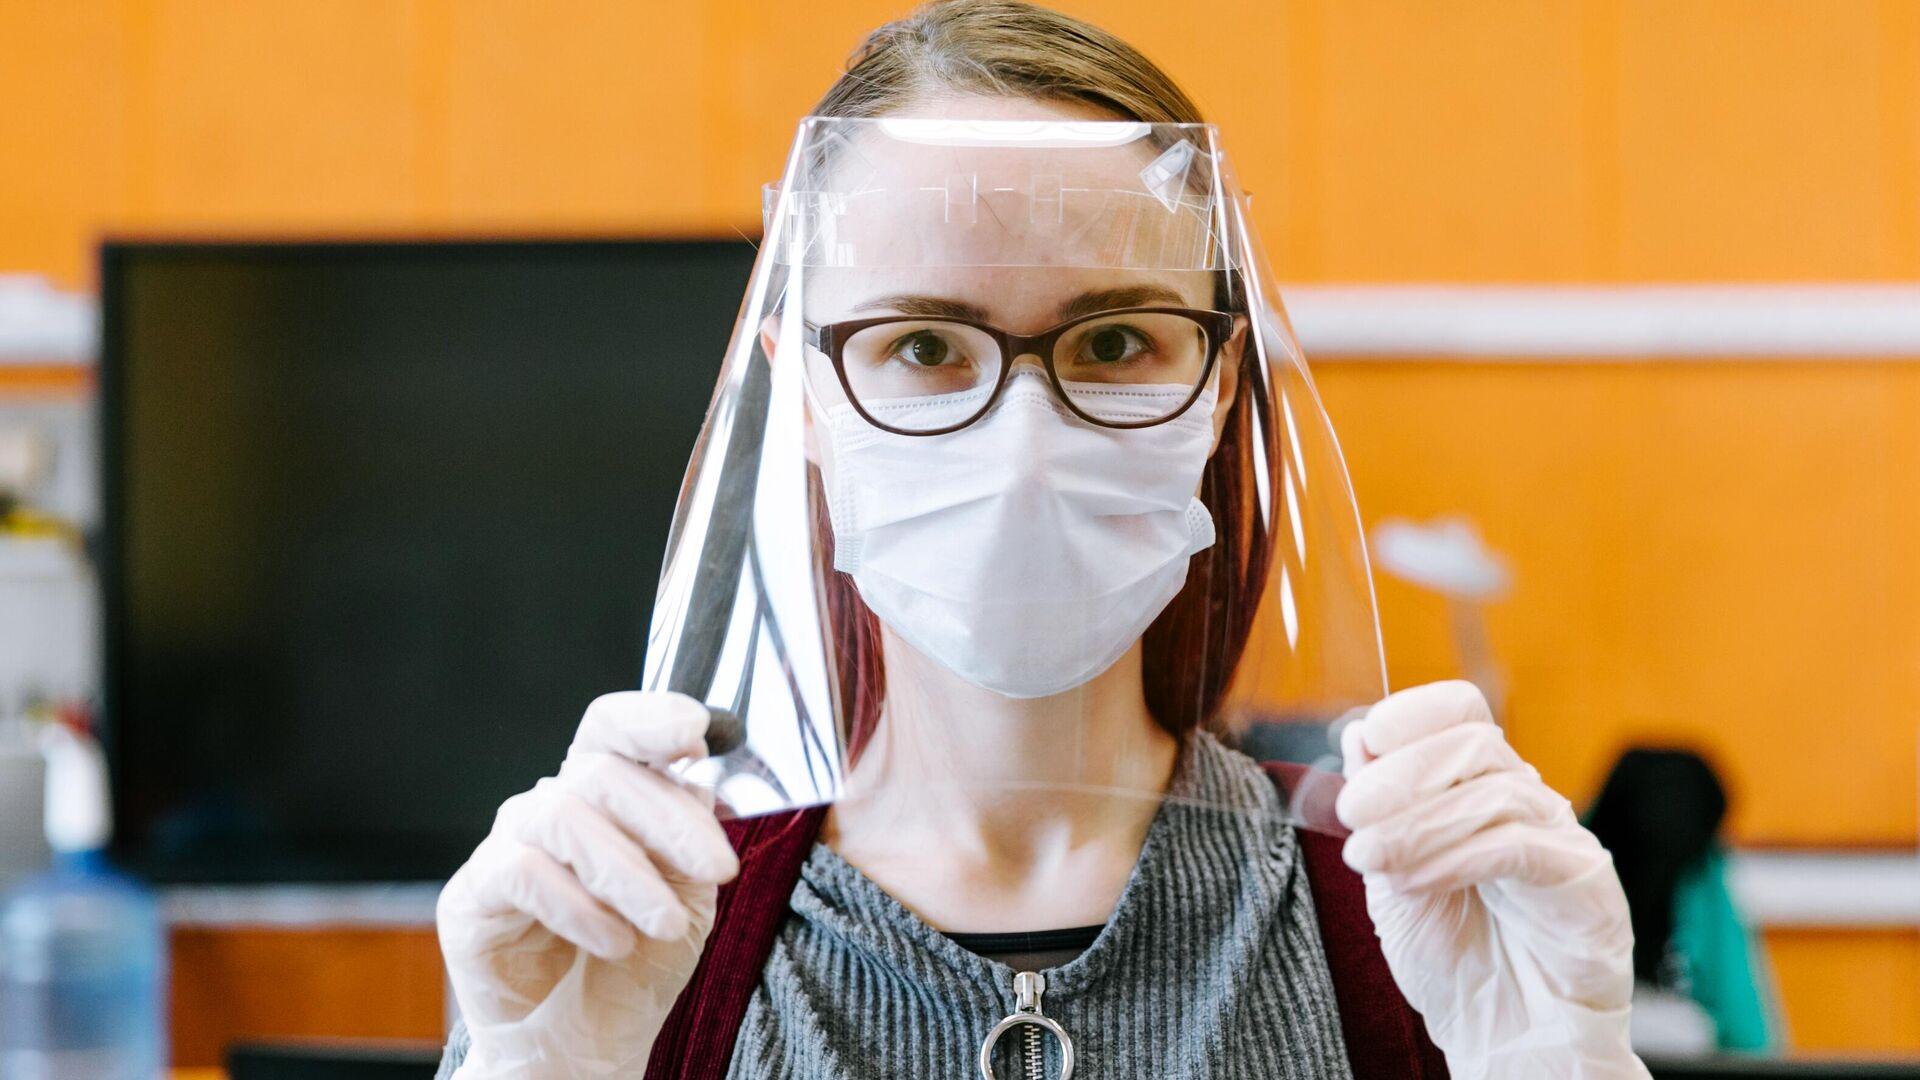 Девушка демонстрирует готовый лицевой экран для индивидуальной защиты глаз, дыхательных путей и лица медицинских работников в технопарке Кванториум. Новатория - РИА Новости, 1920, 16.10.2020